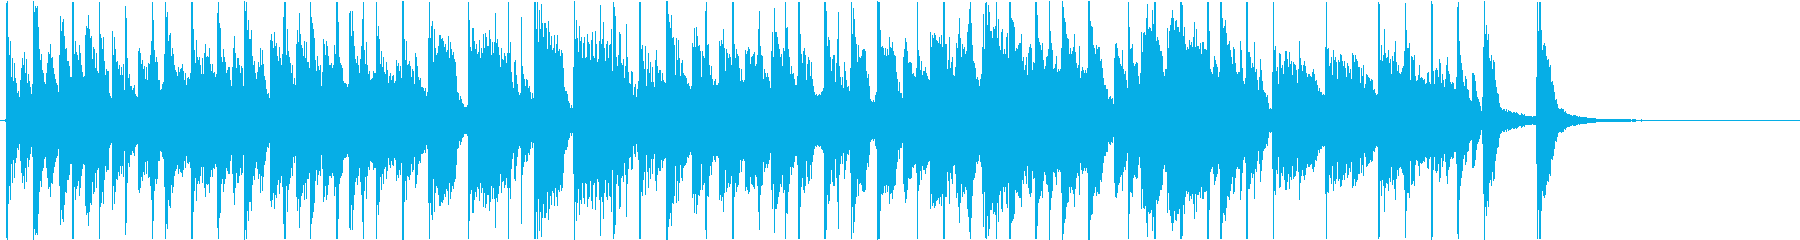 アンサンブルが魅力の30秒ジングルの再生済みの波形